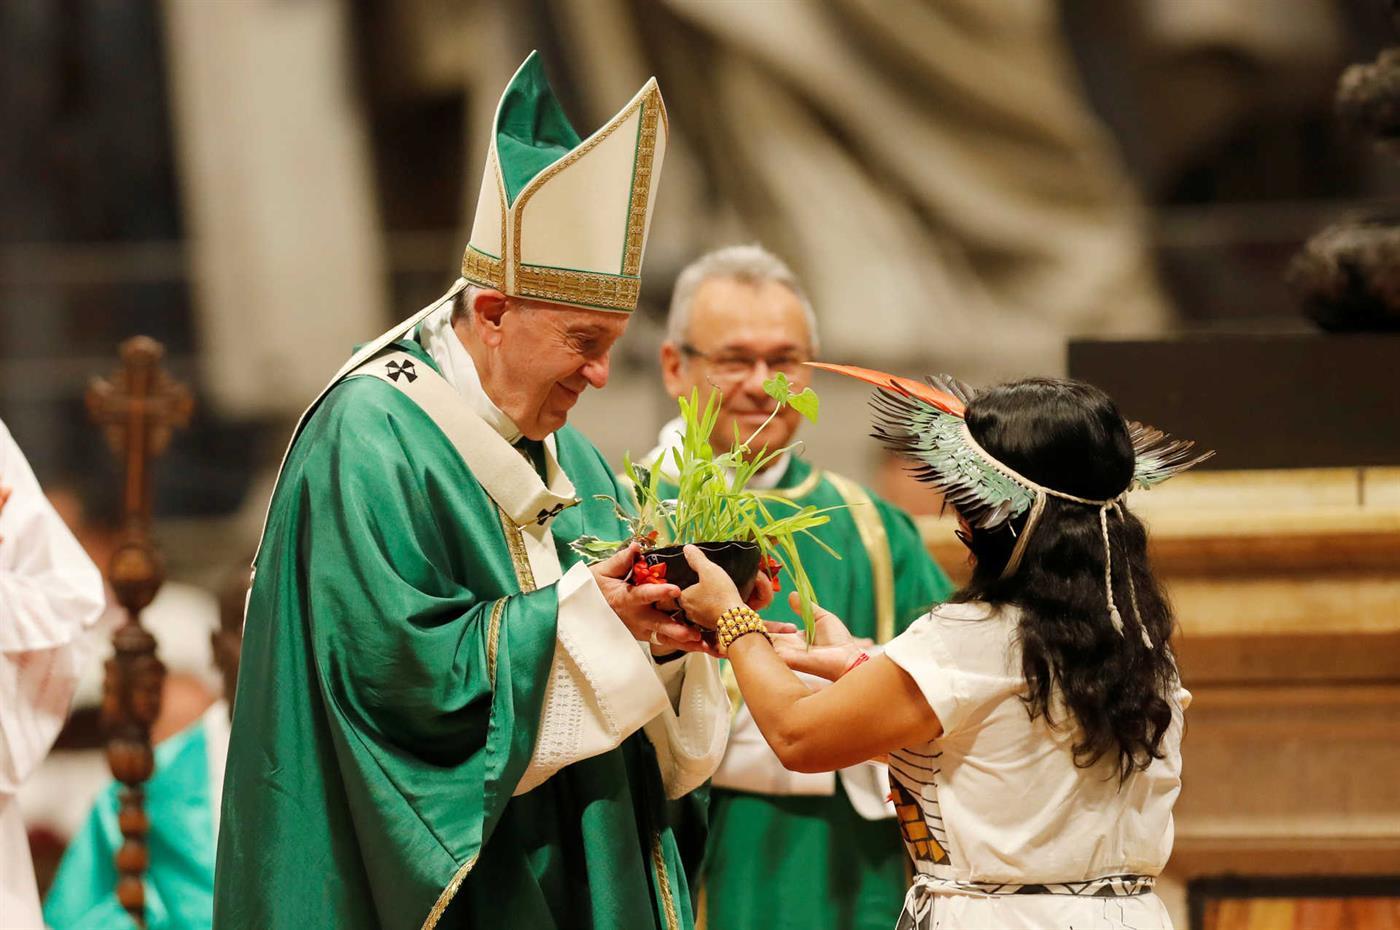 Povos indígenas mostraram a sua cultura no Vaticano e ao mundo.